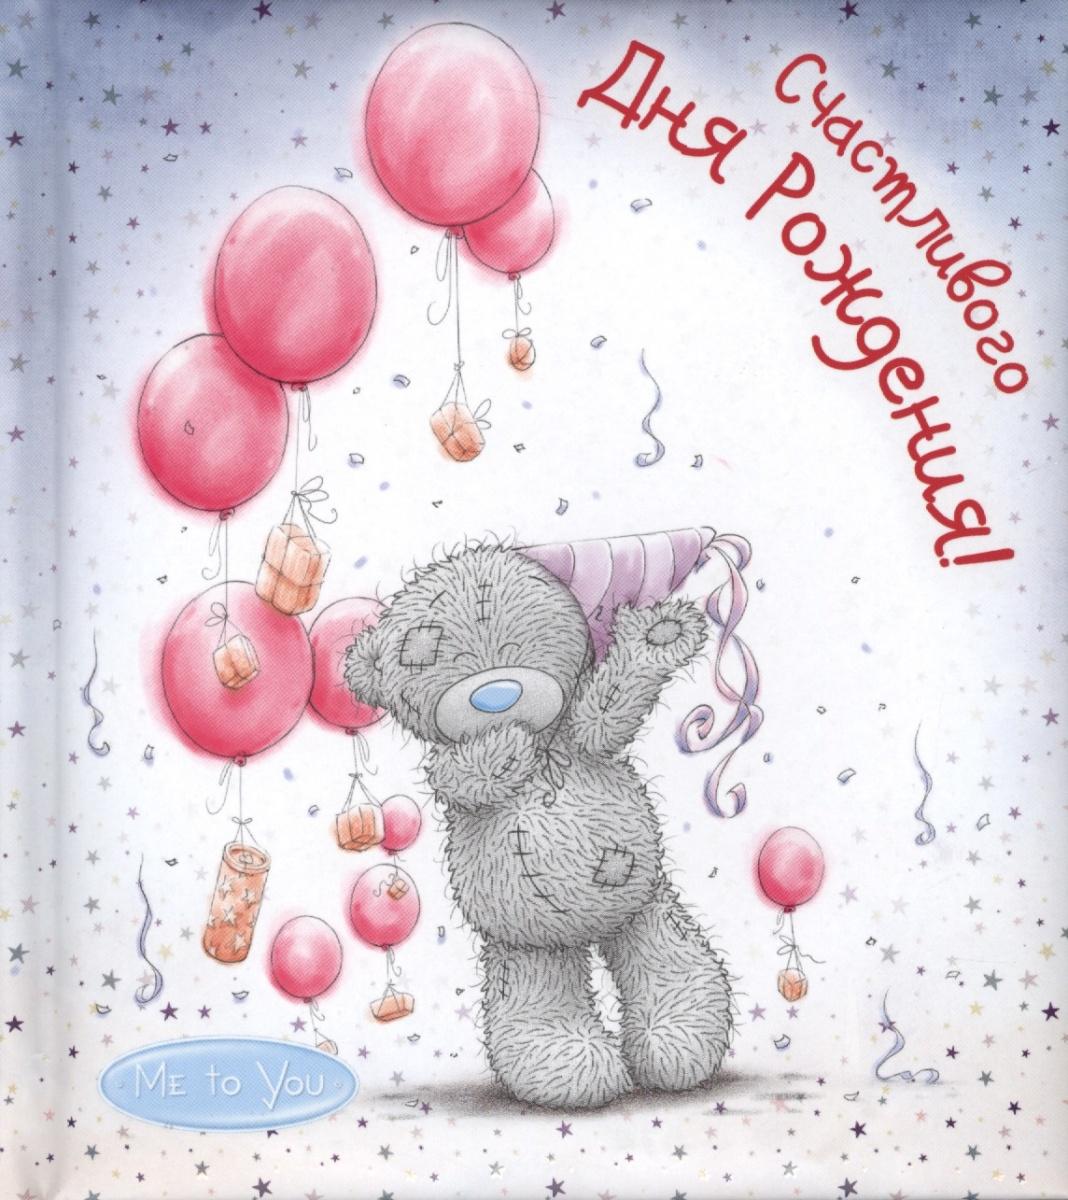 Поздравления с днем рождения девочке открытка